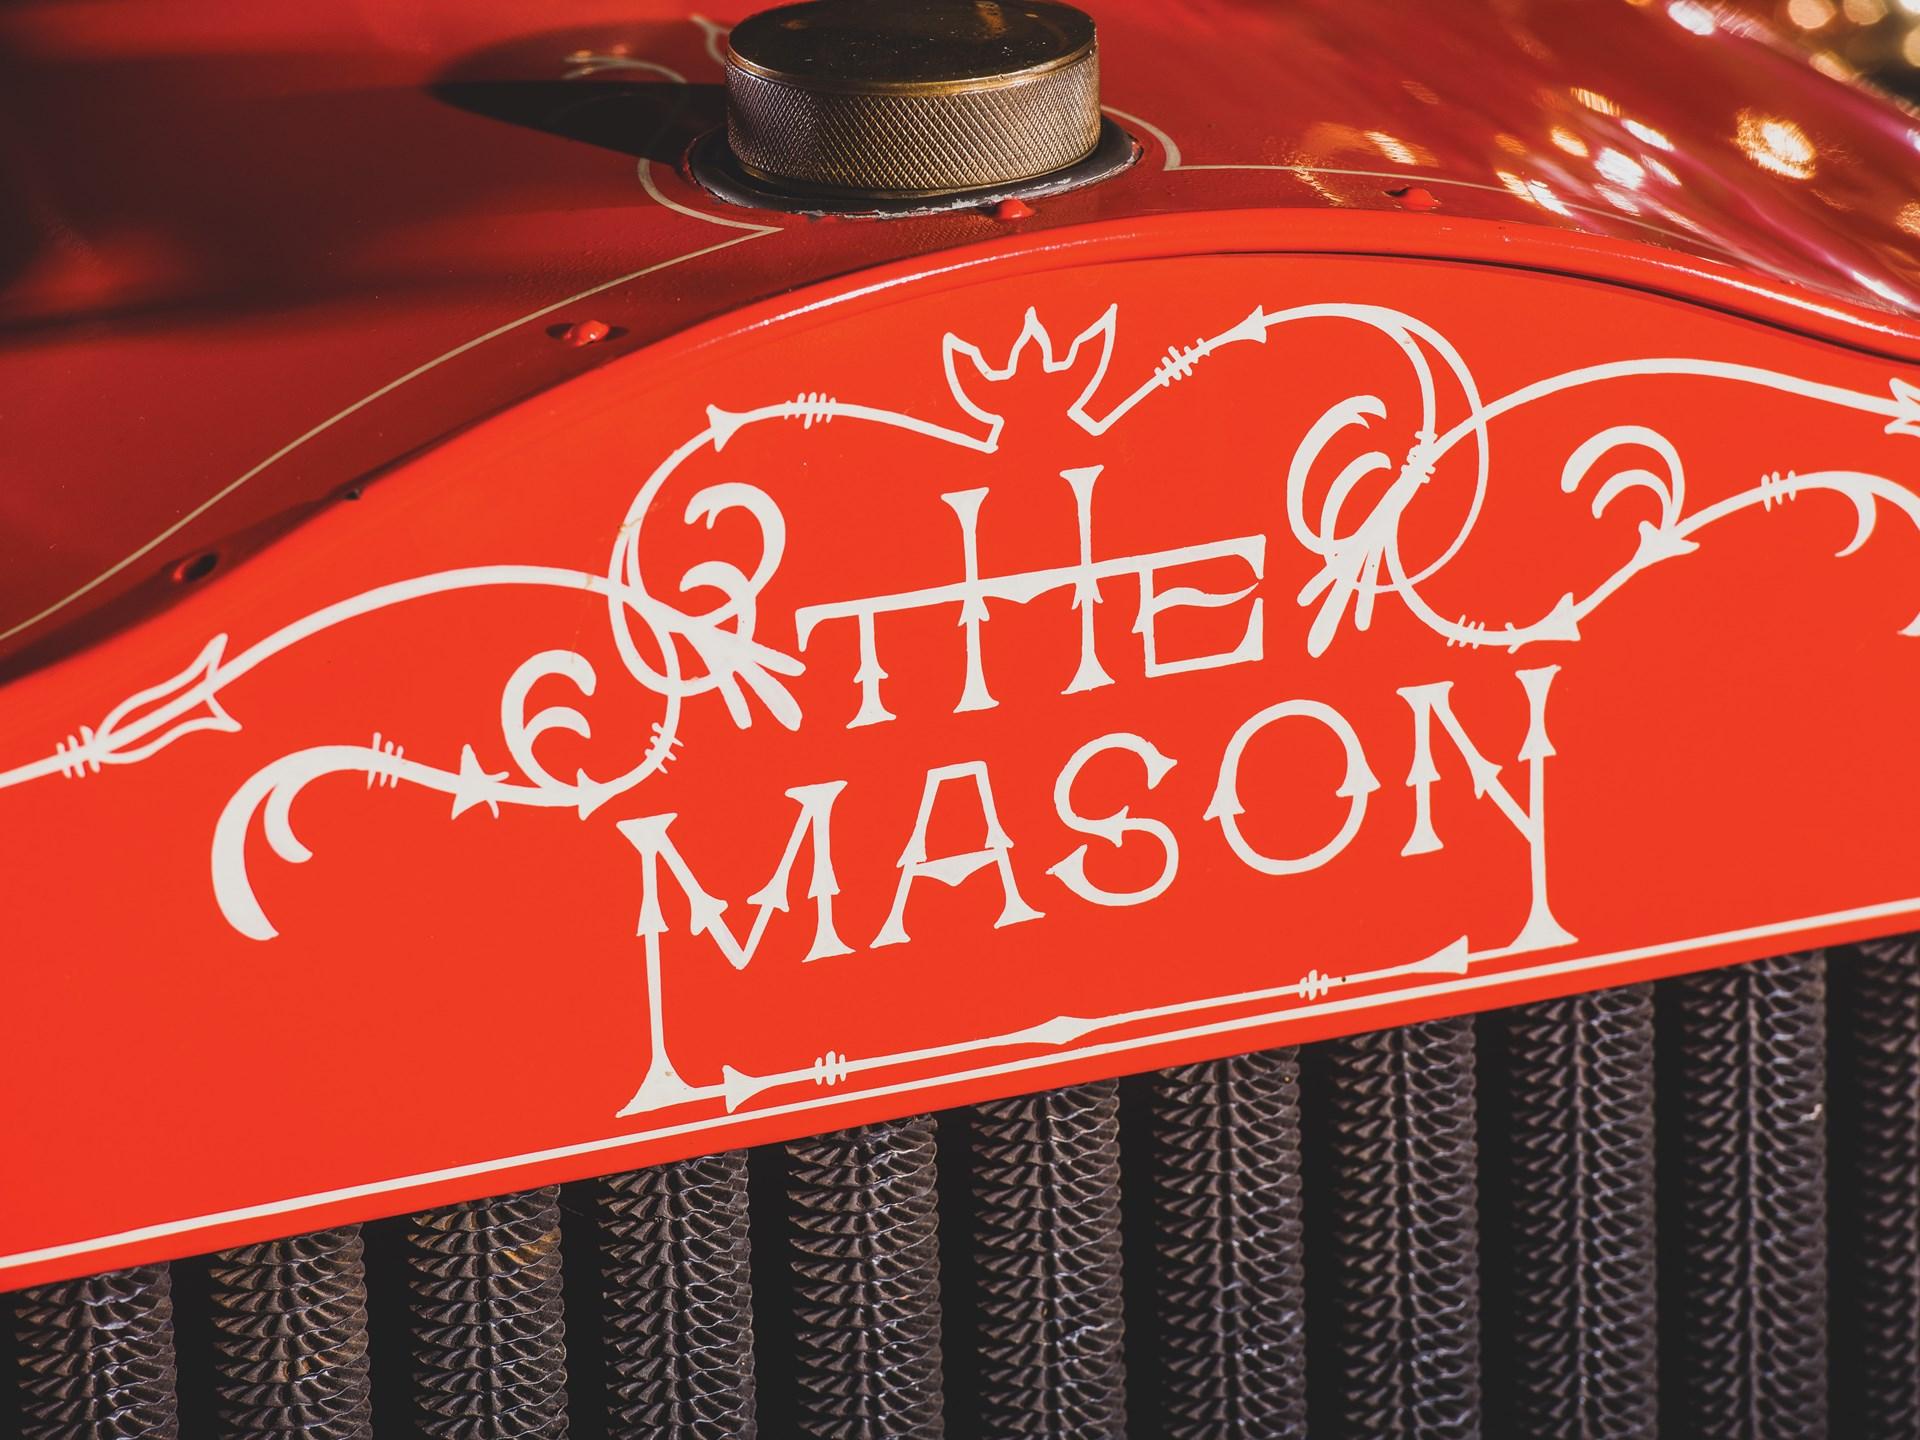 1906 Mason Touring